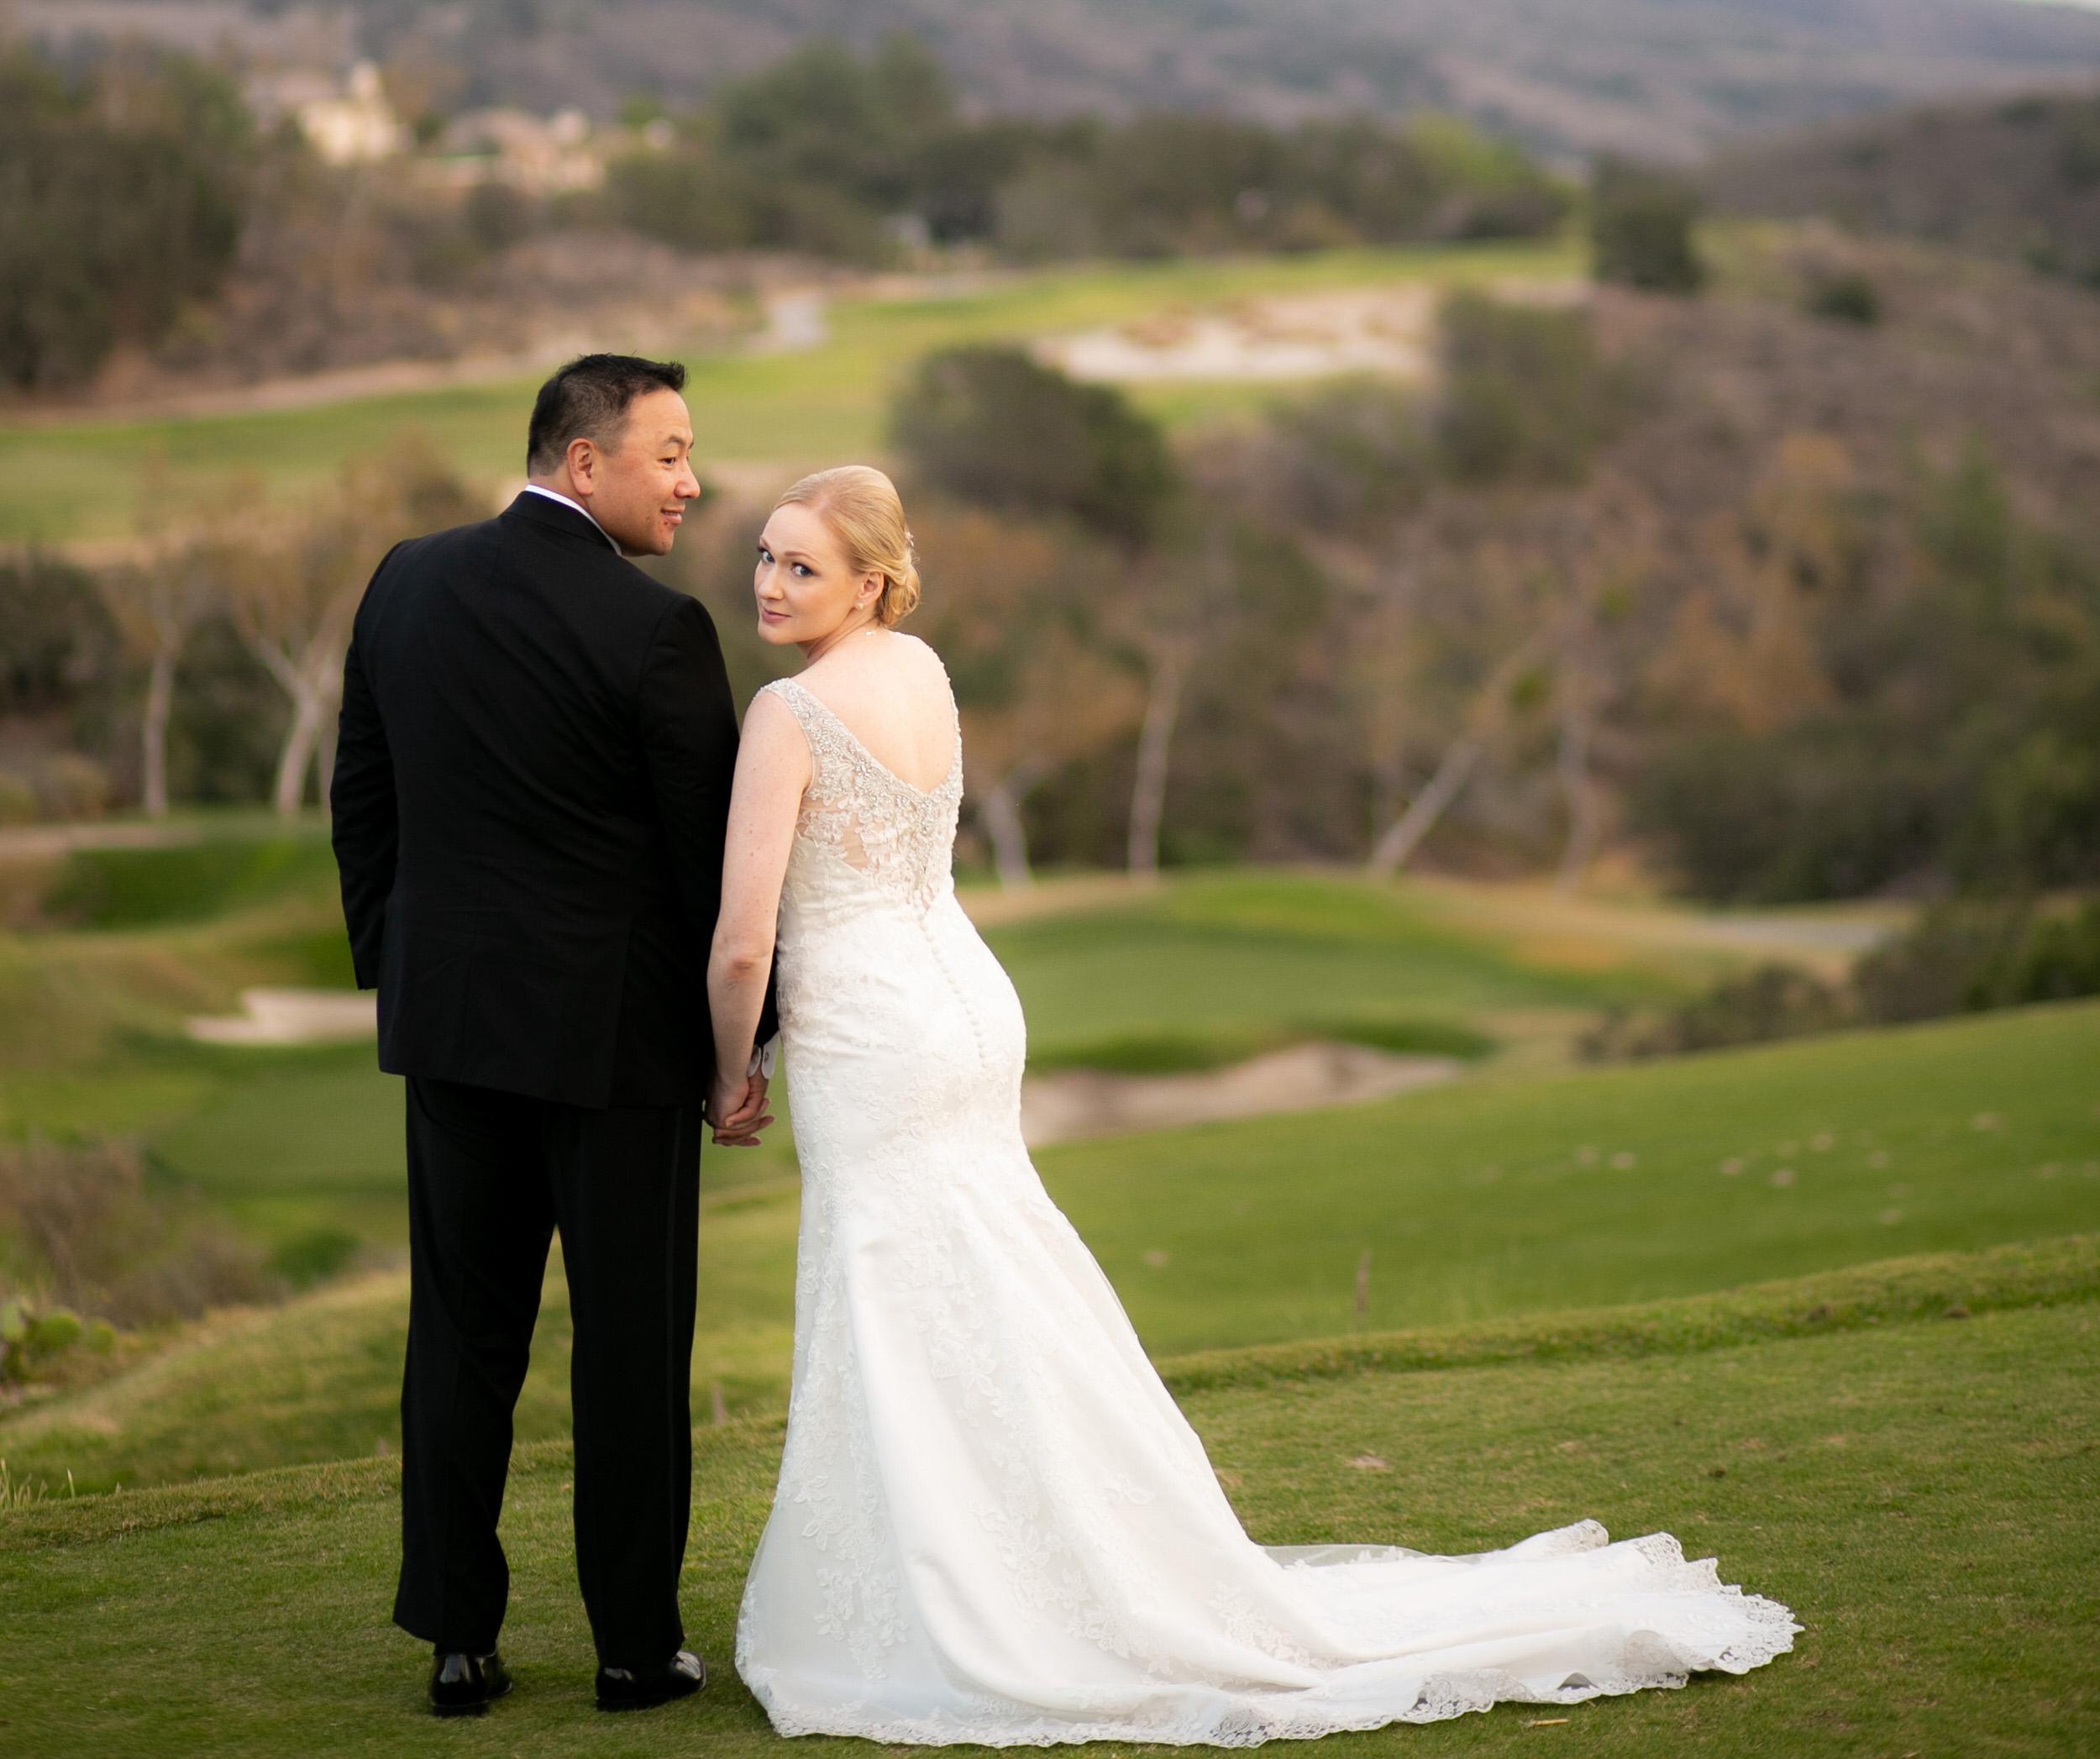 Bride-&-Groom-photos-at-Dove-Canyon-Golf-Club